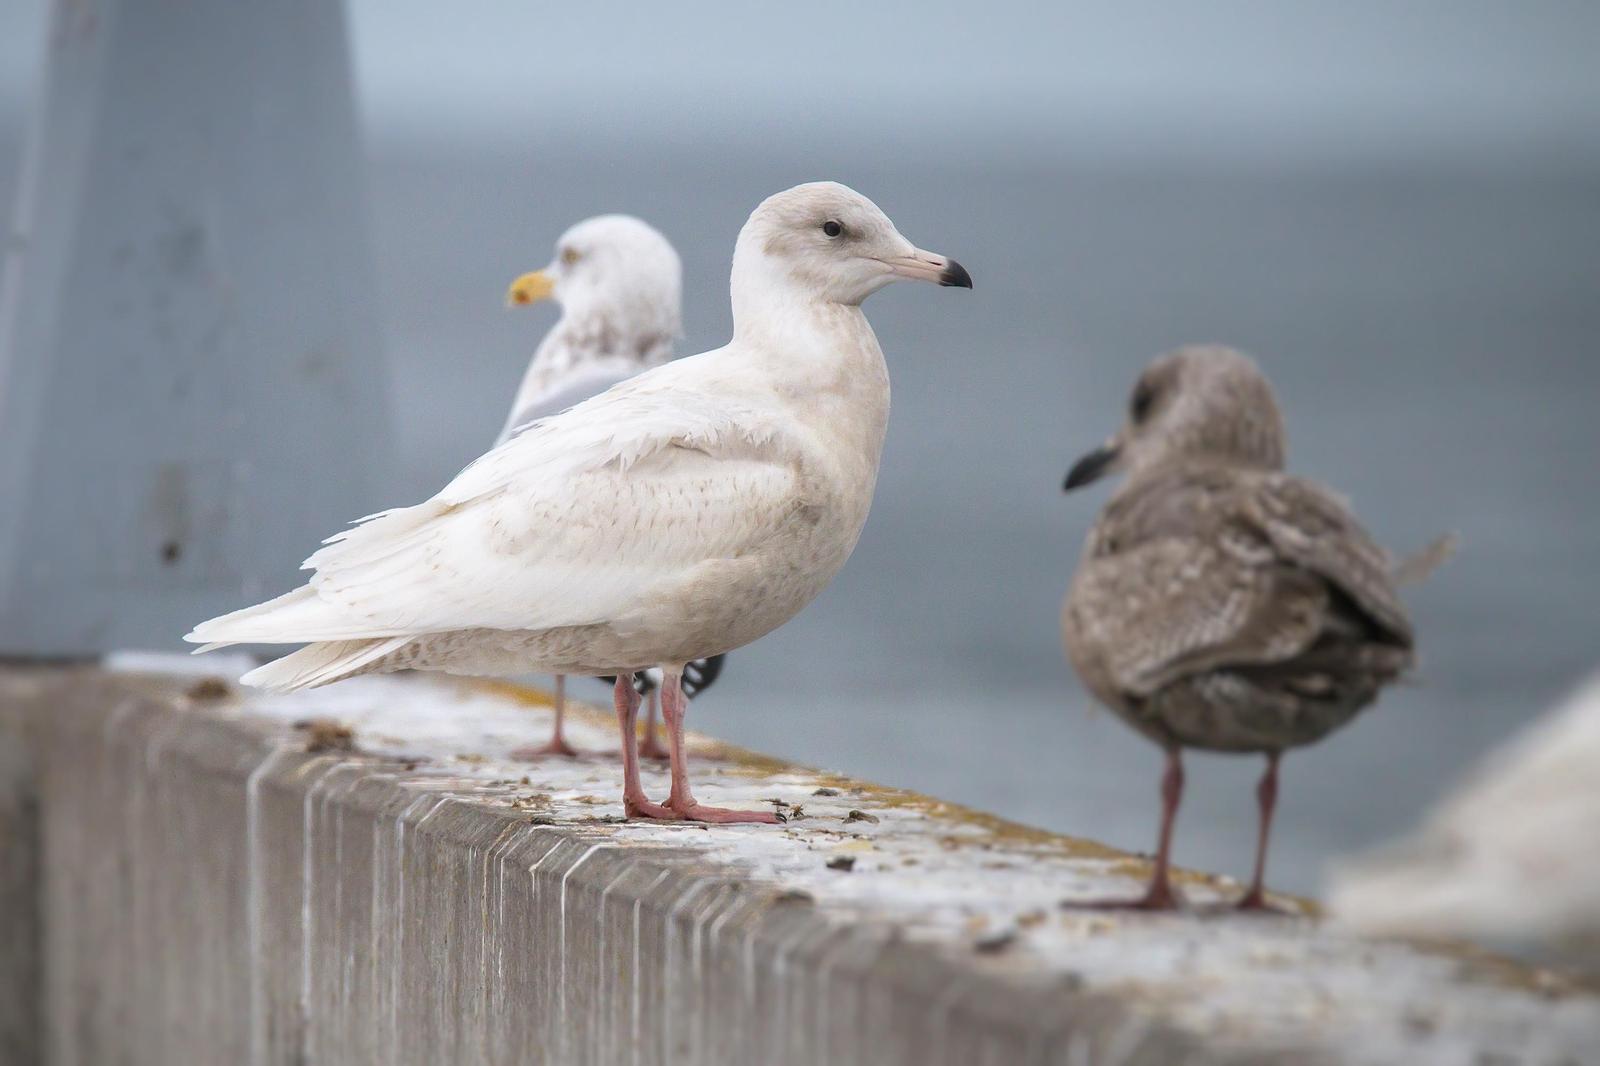 Glaucous Gull Photo by Ryan Jones